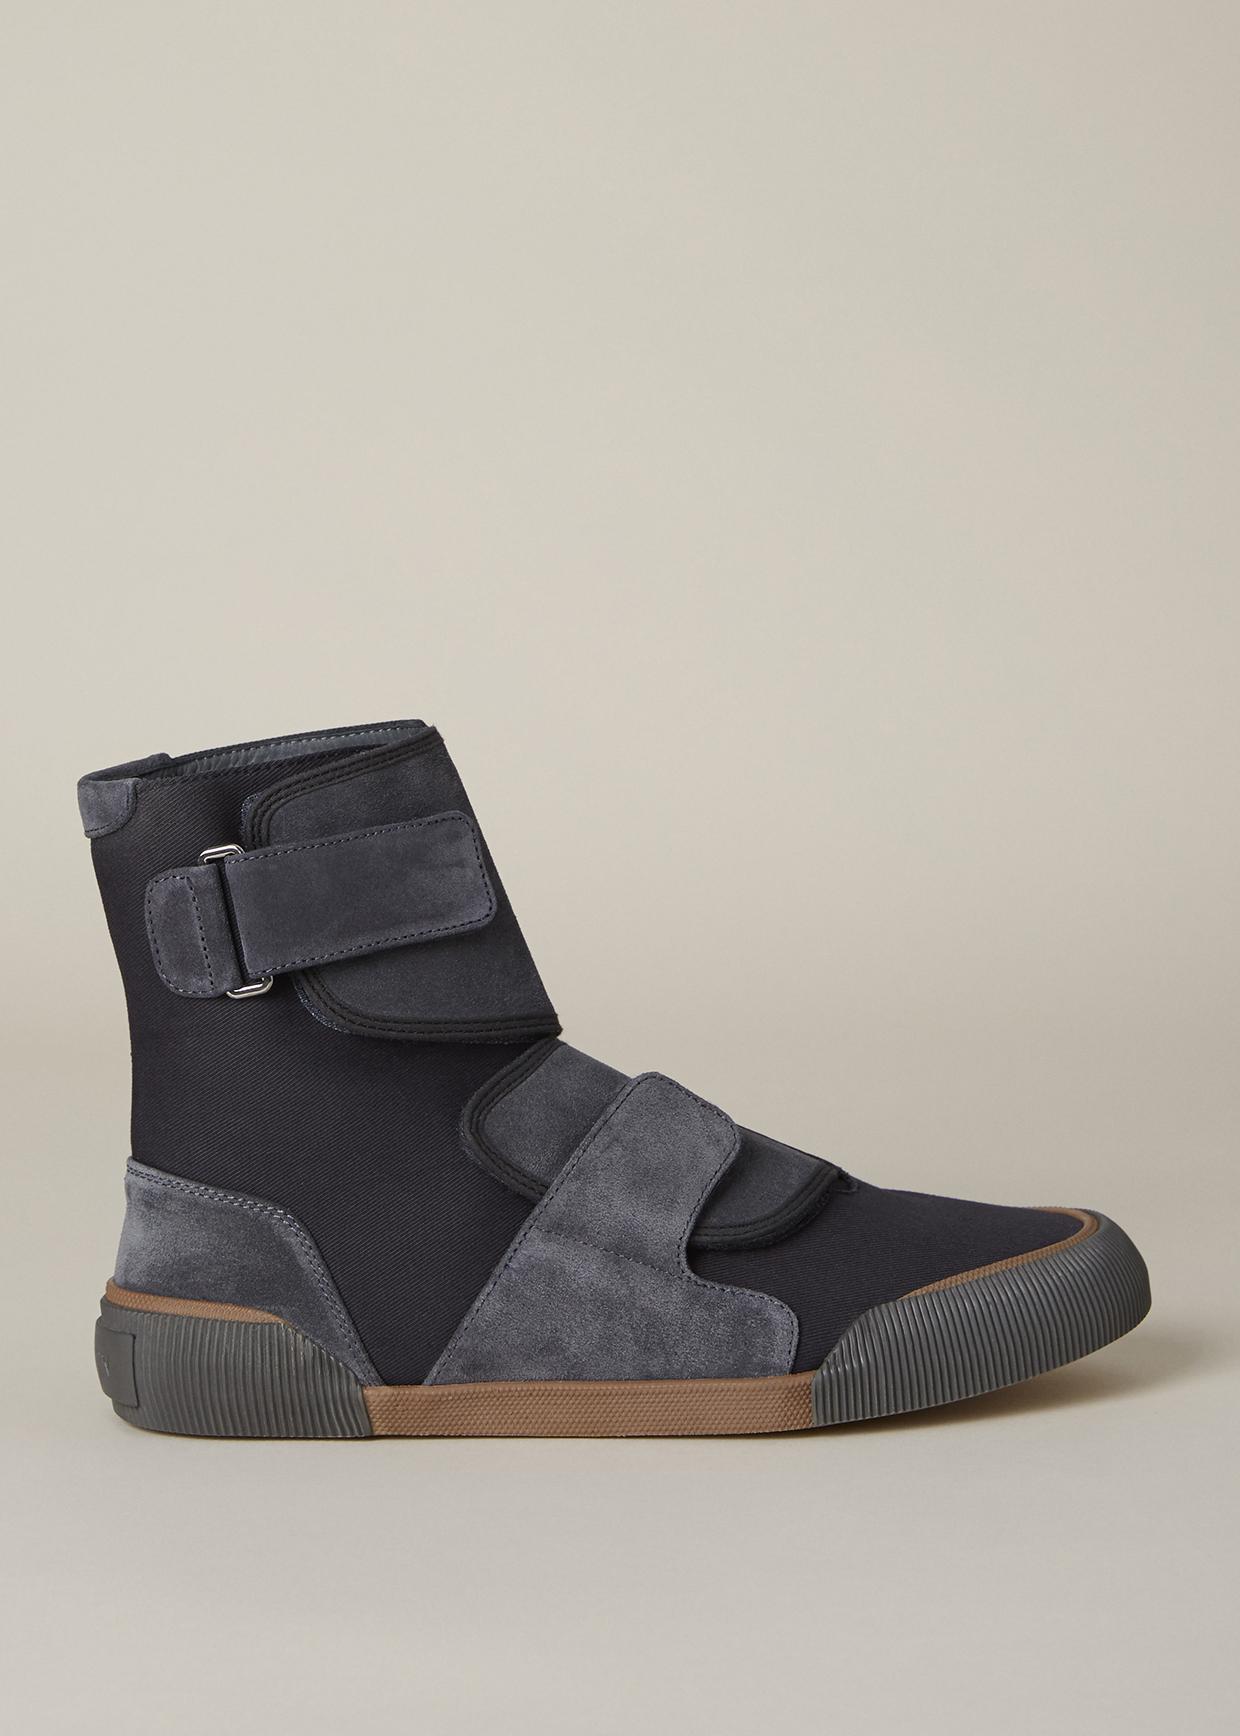 FOOTWEAR - High-tops & sneakers Lanvin PTKyh